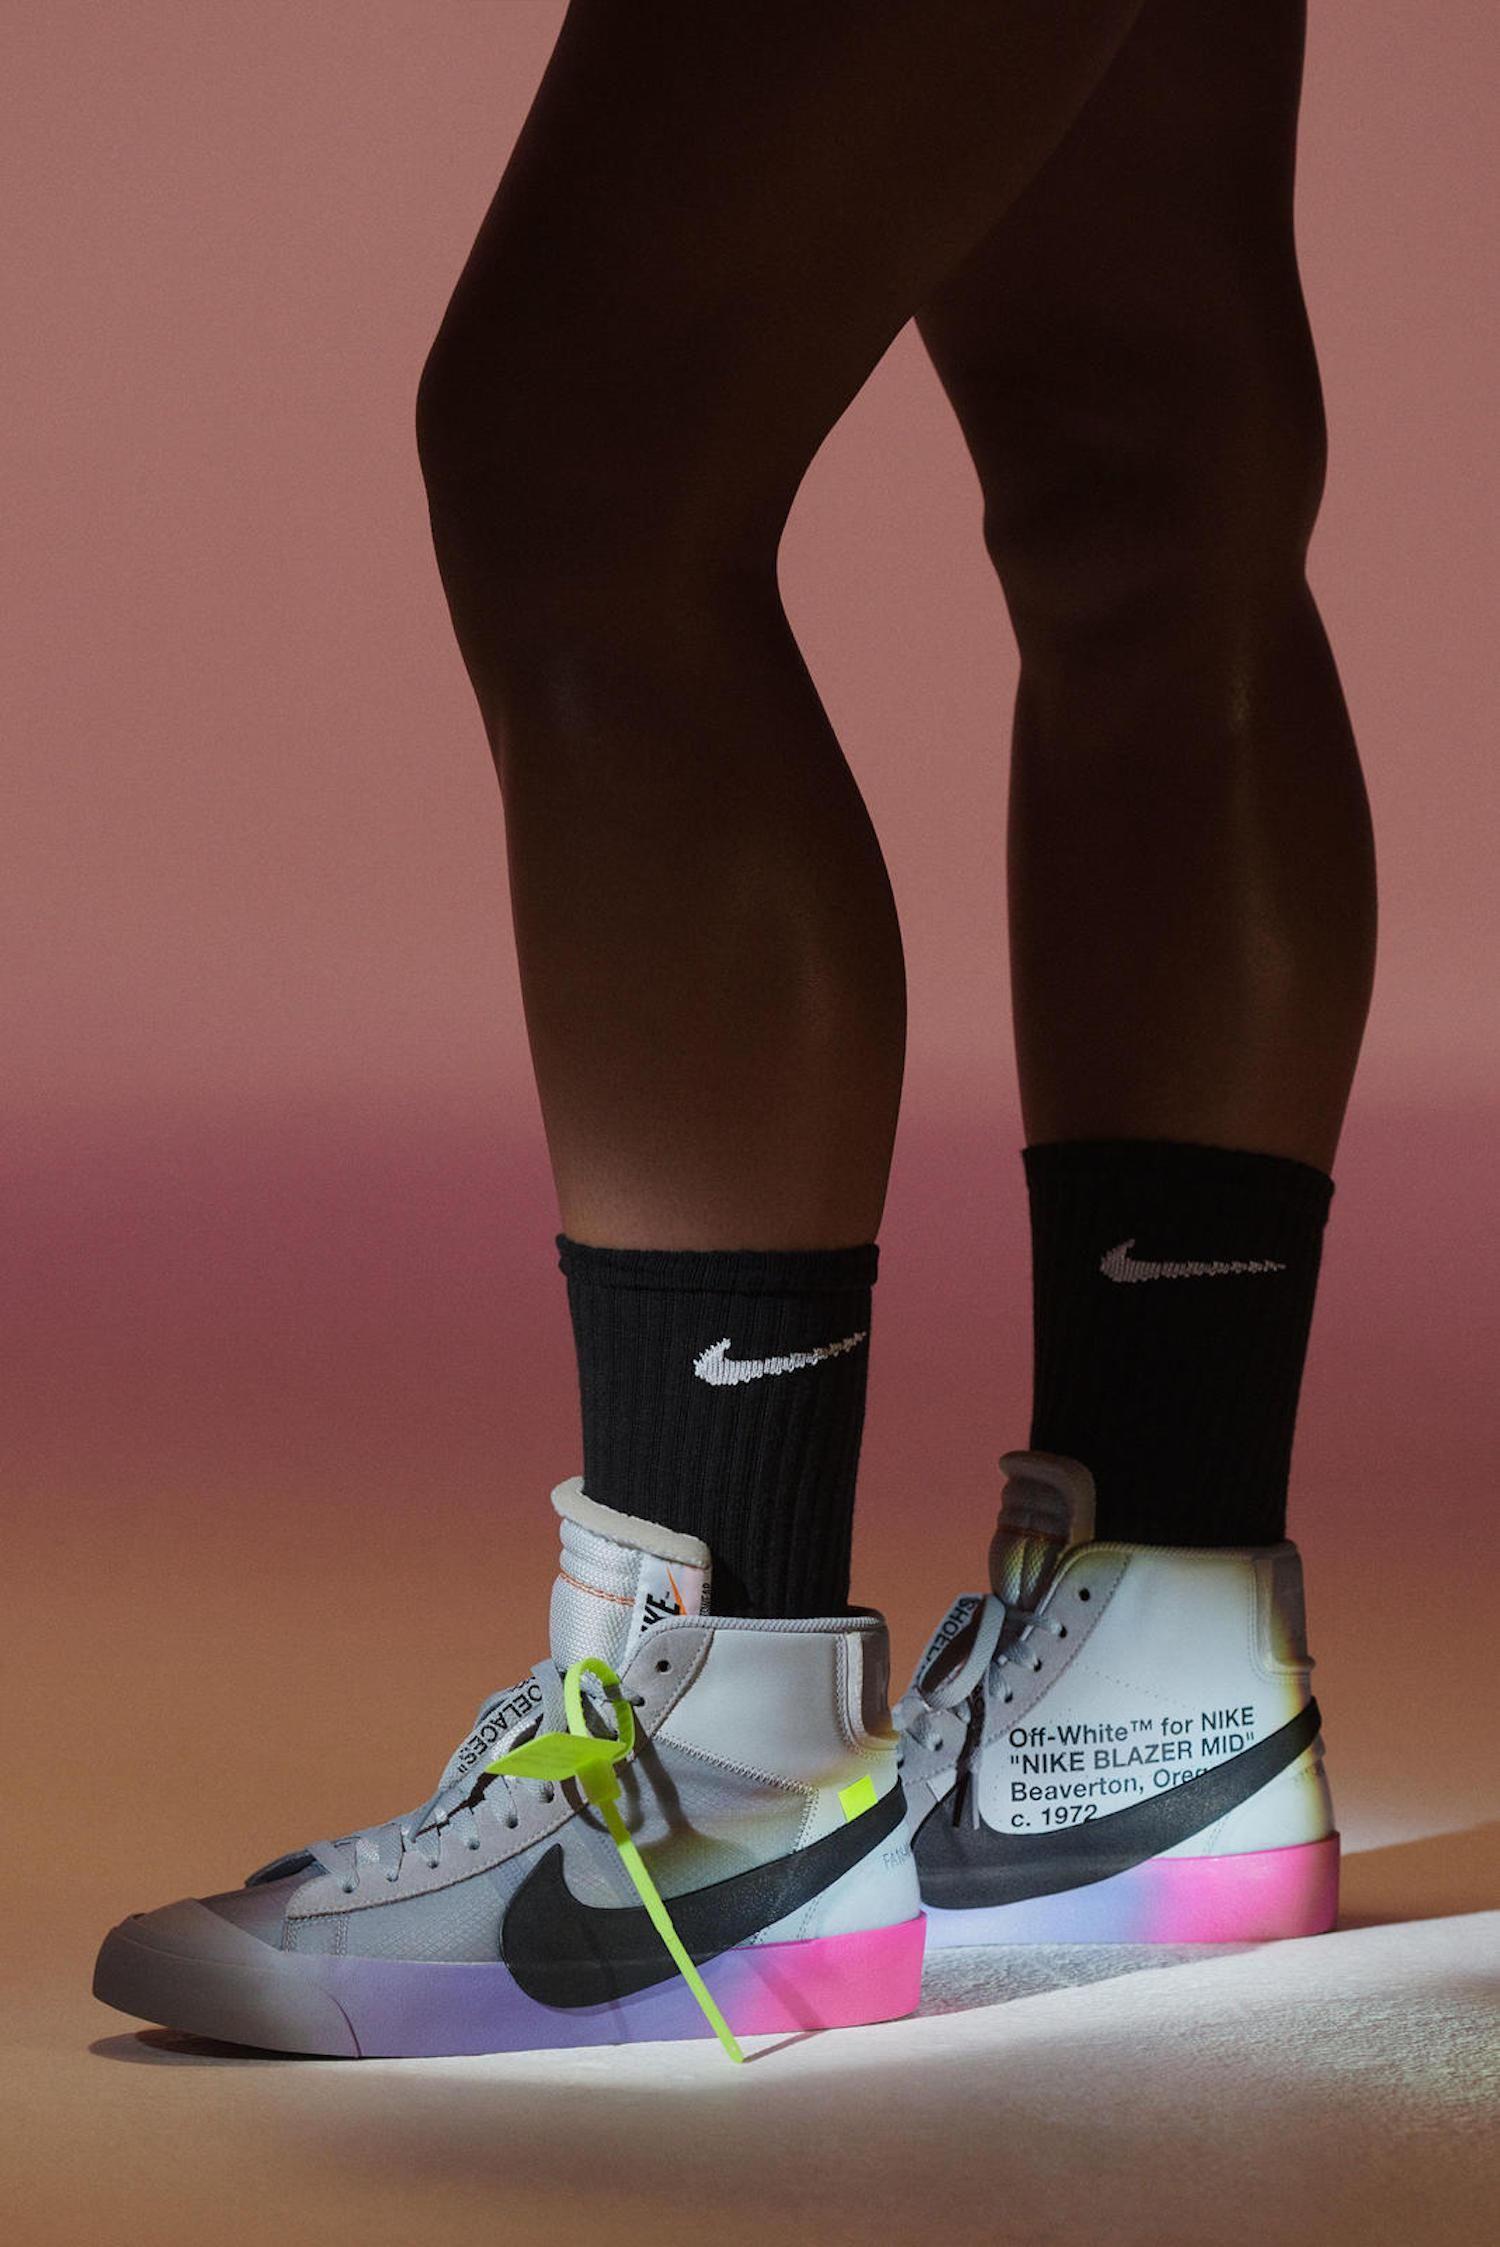 c6c4cee11446 OFF WHITE x Nike Blazer SW. OFF WHITE x Nike Blazer SW Serena Williams Shoes  ...